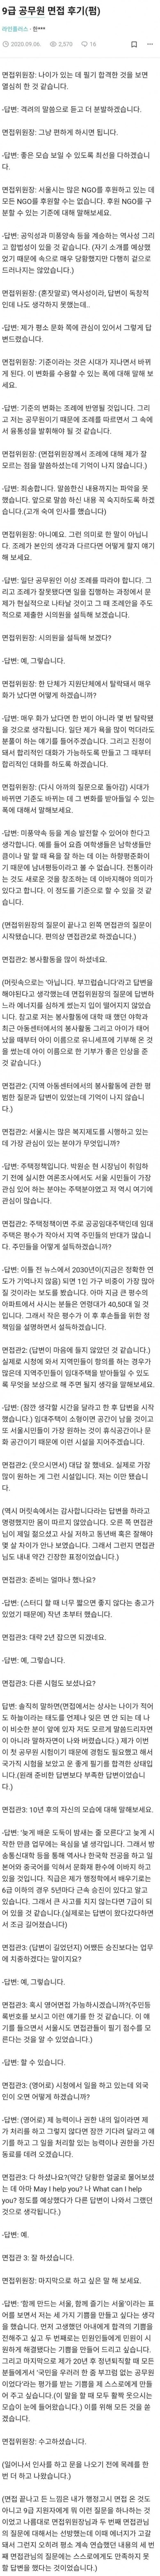 서울시 9급 공무원 면접 후기.jpg   인스티즈